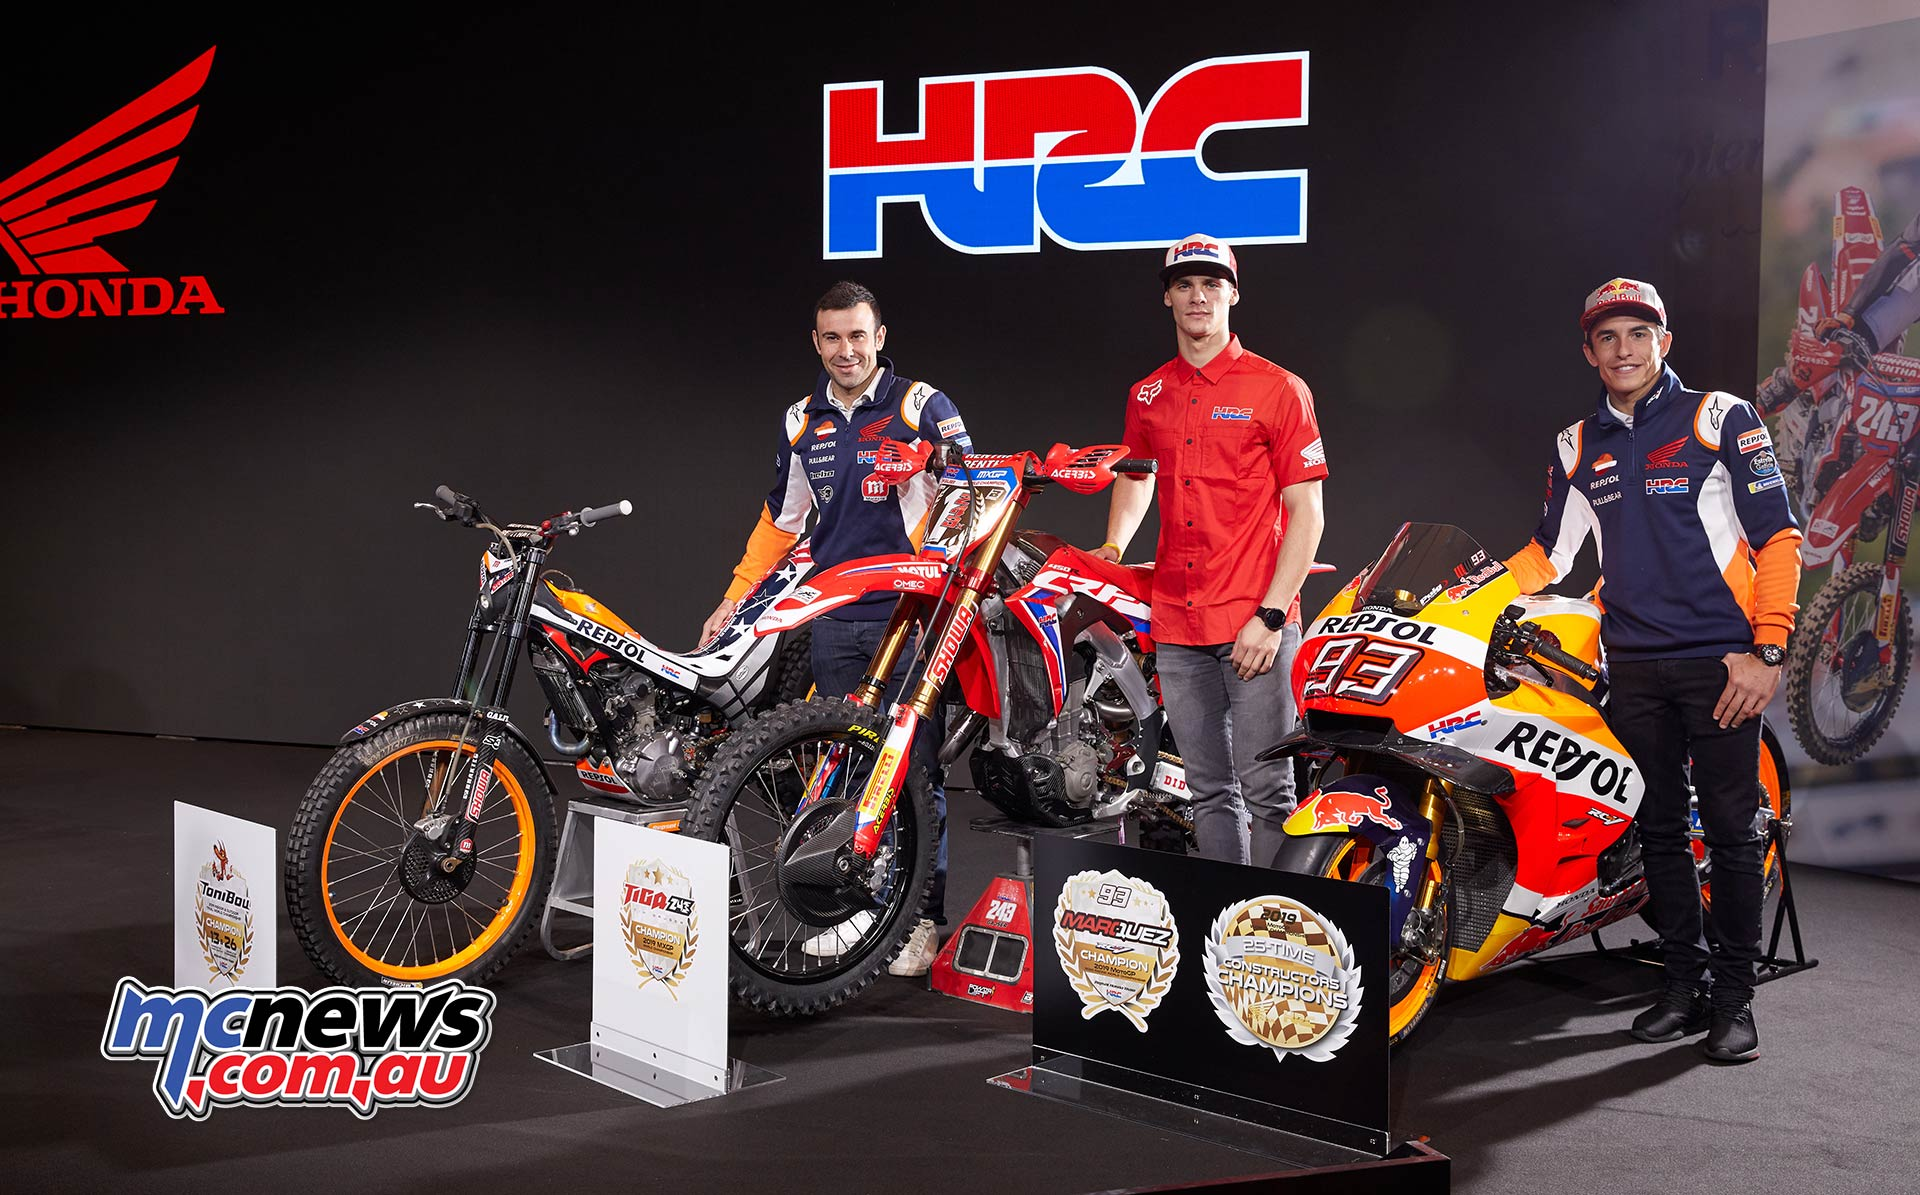 Honda Champs Bou Gajser Marquez